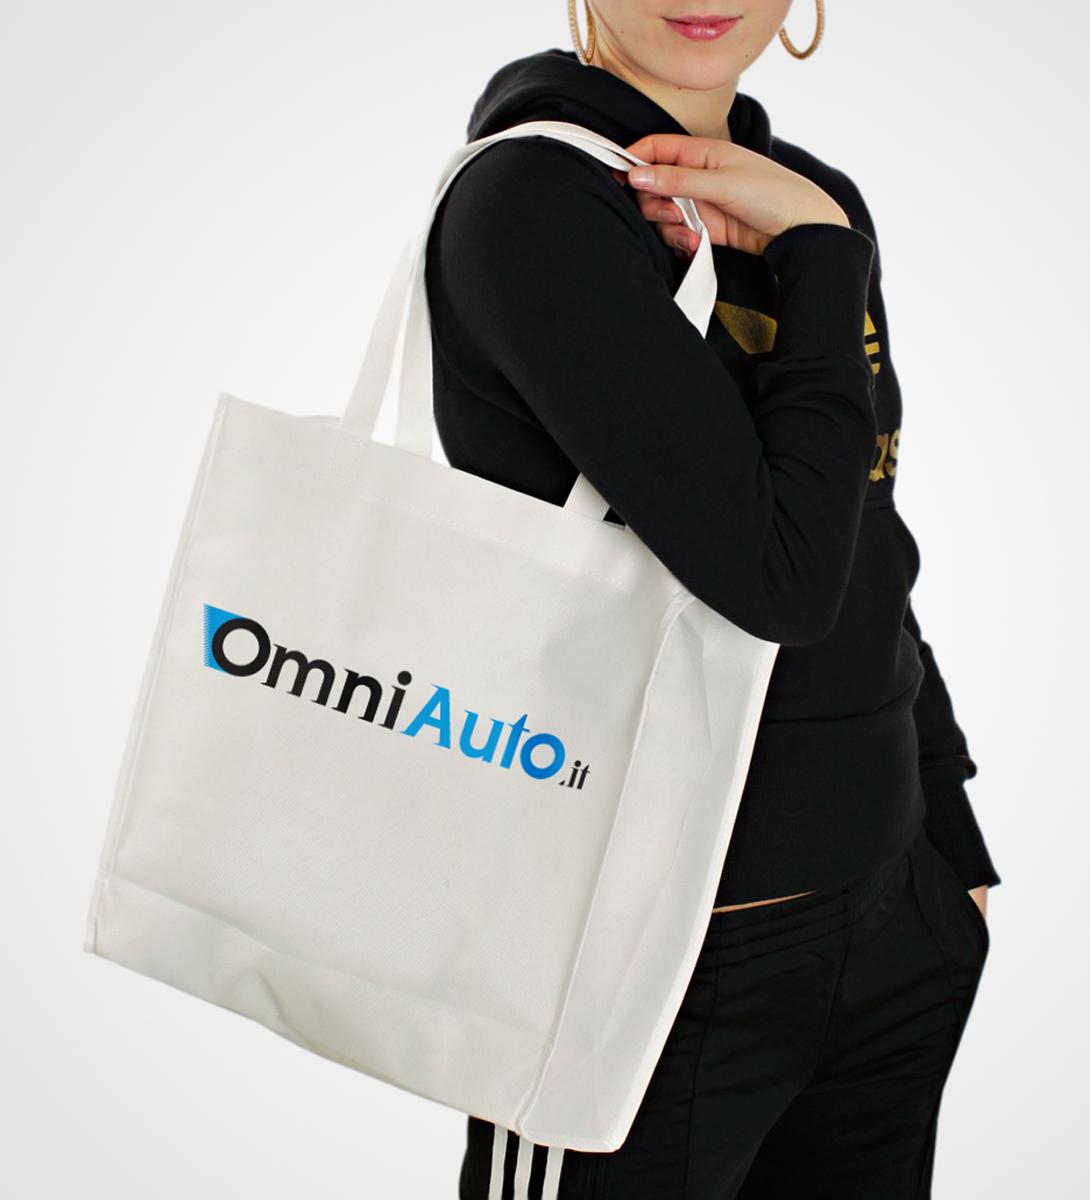 Omniauto Busta by Maniac Studio